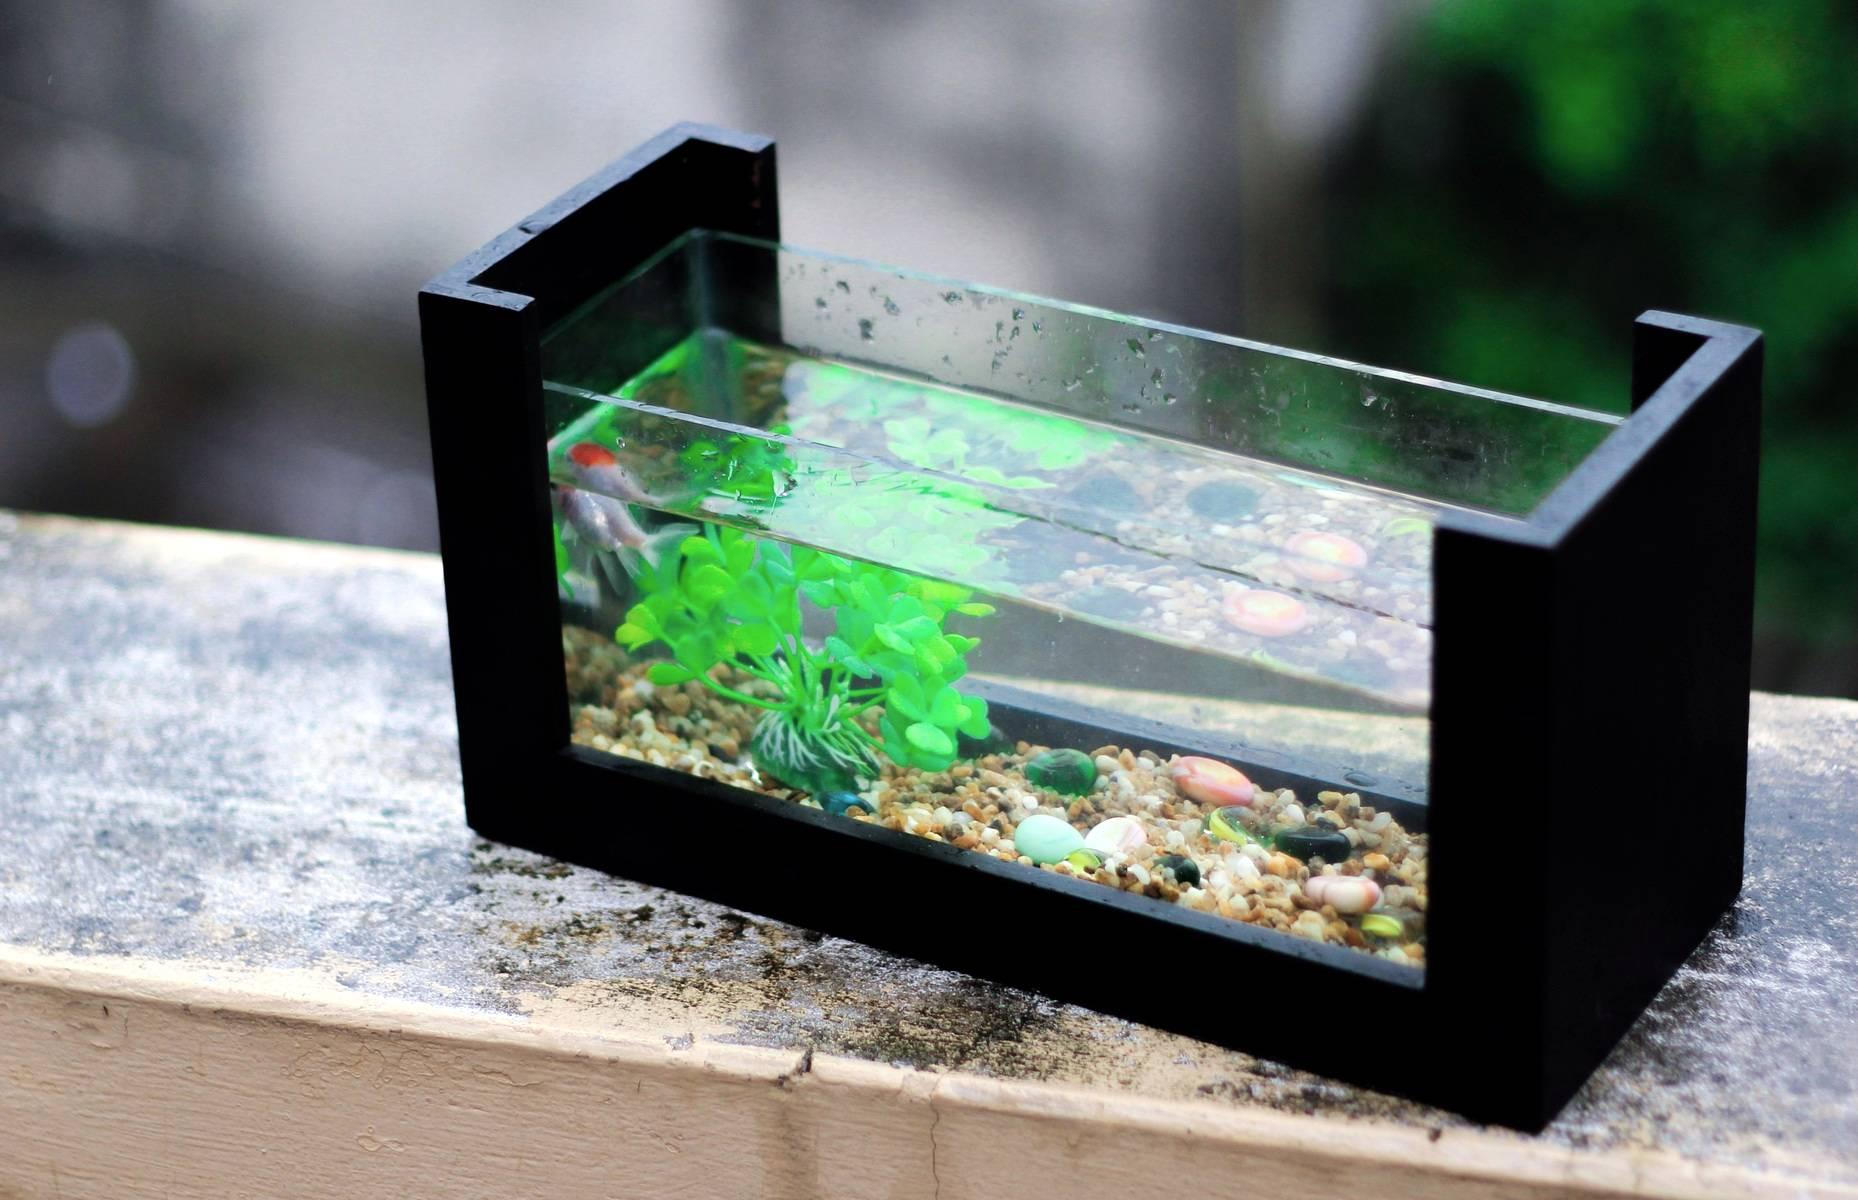 Comment nettoyer efficacement son aquarium?